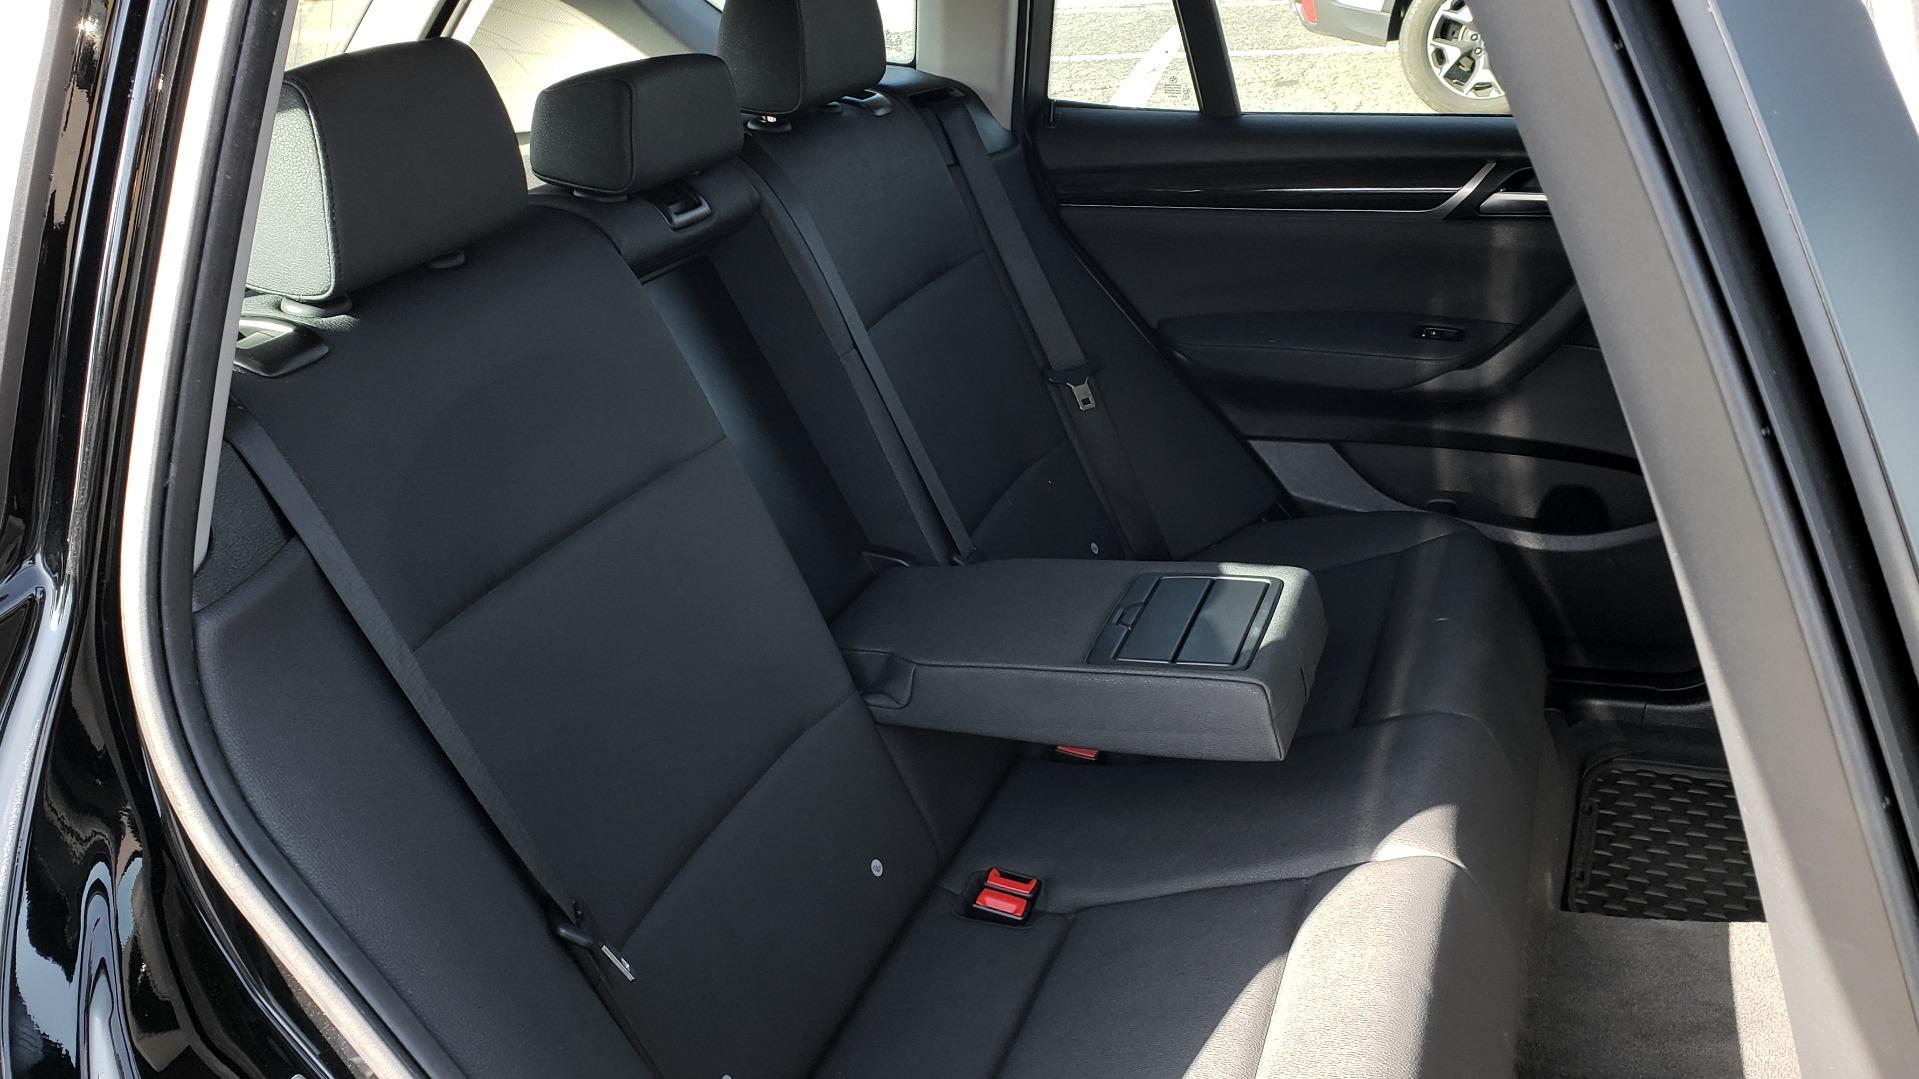 Used 2017 BMW X3 XDRIVE28I / PREM PKG / NAV / DRVR ASST / HTD STS / CAMERAS for sale Sold at Formula Imports in Charlotte NC 28227 84